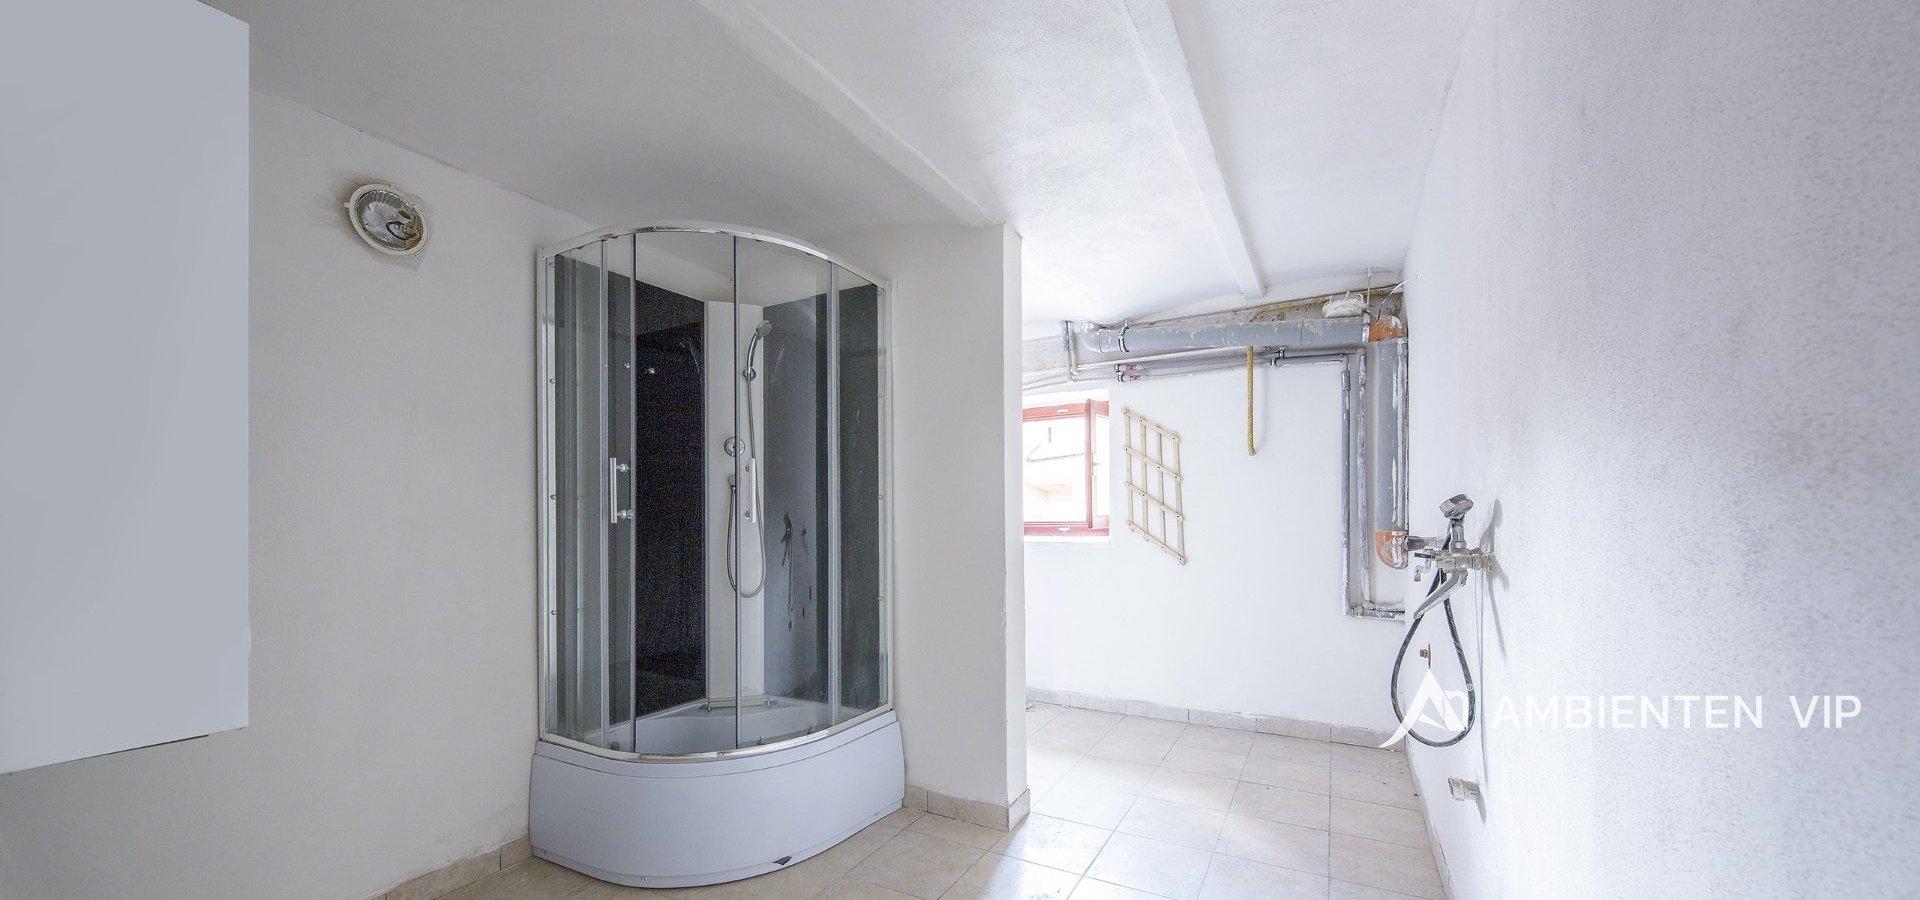 prodej-rodinneho-domu-na-bydleni-i-investici-477m2-telc-31merge-d764ce